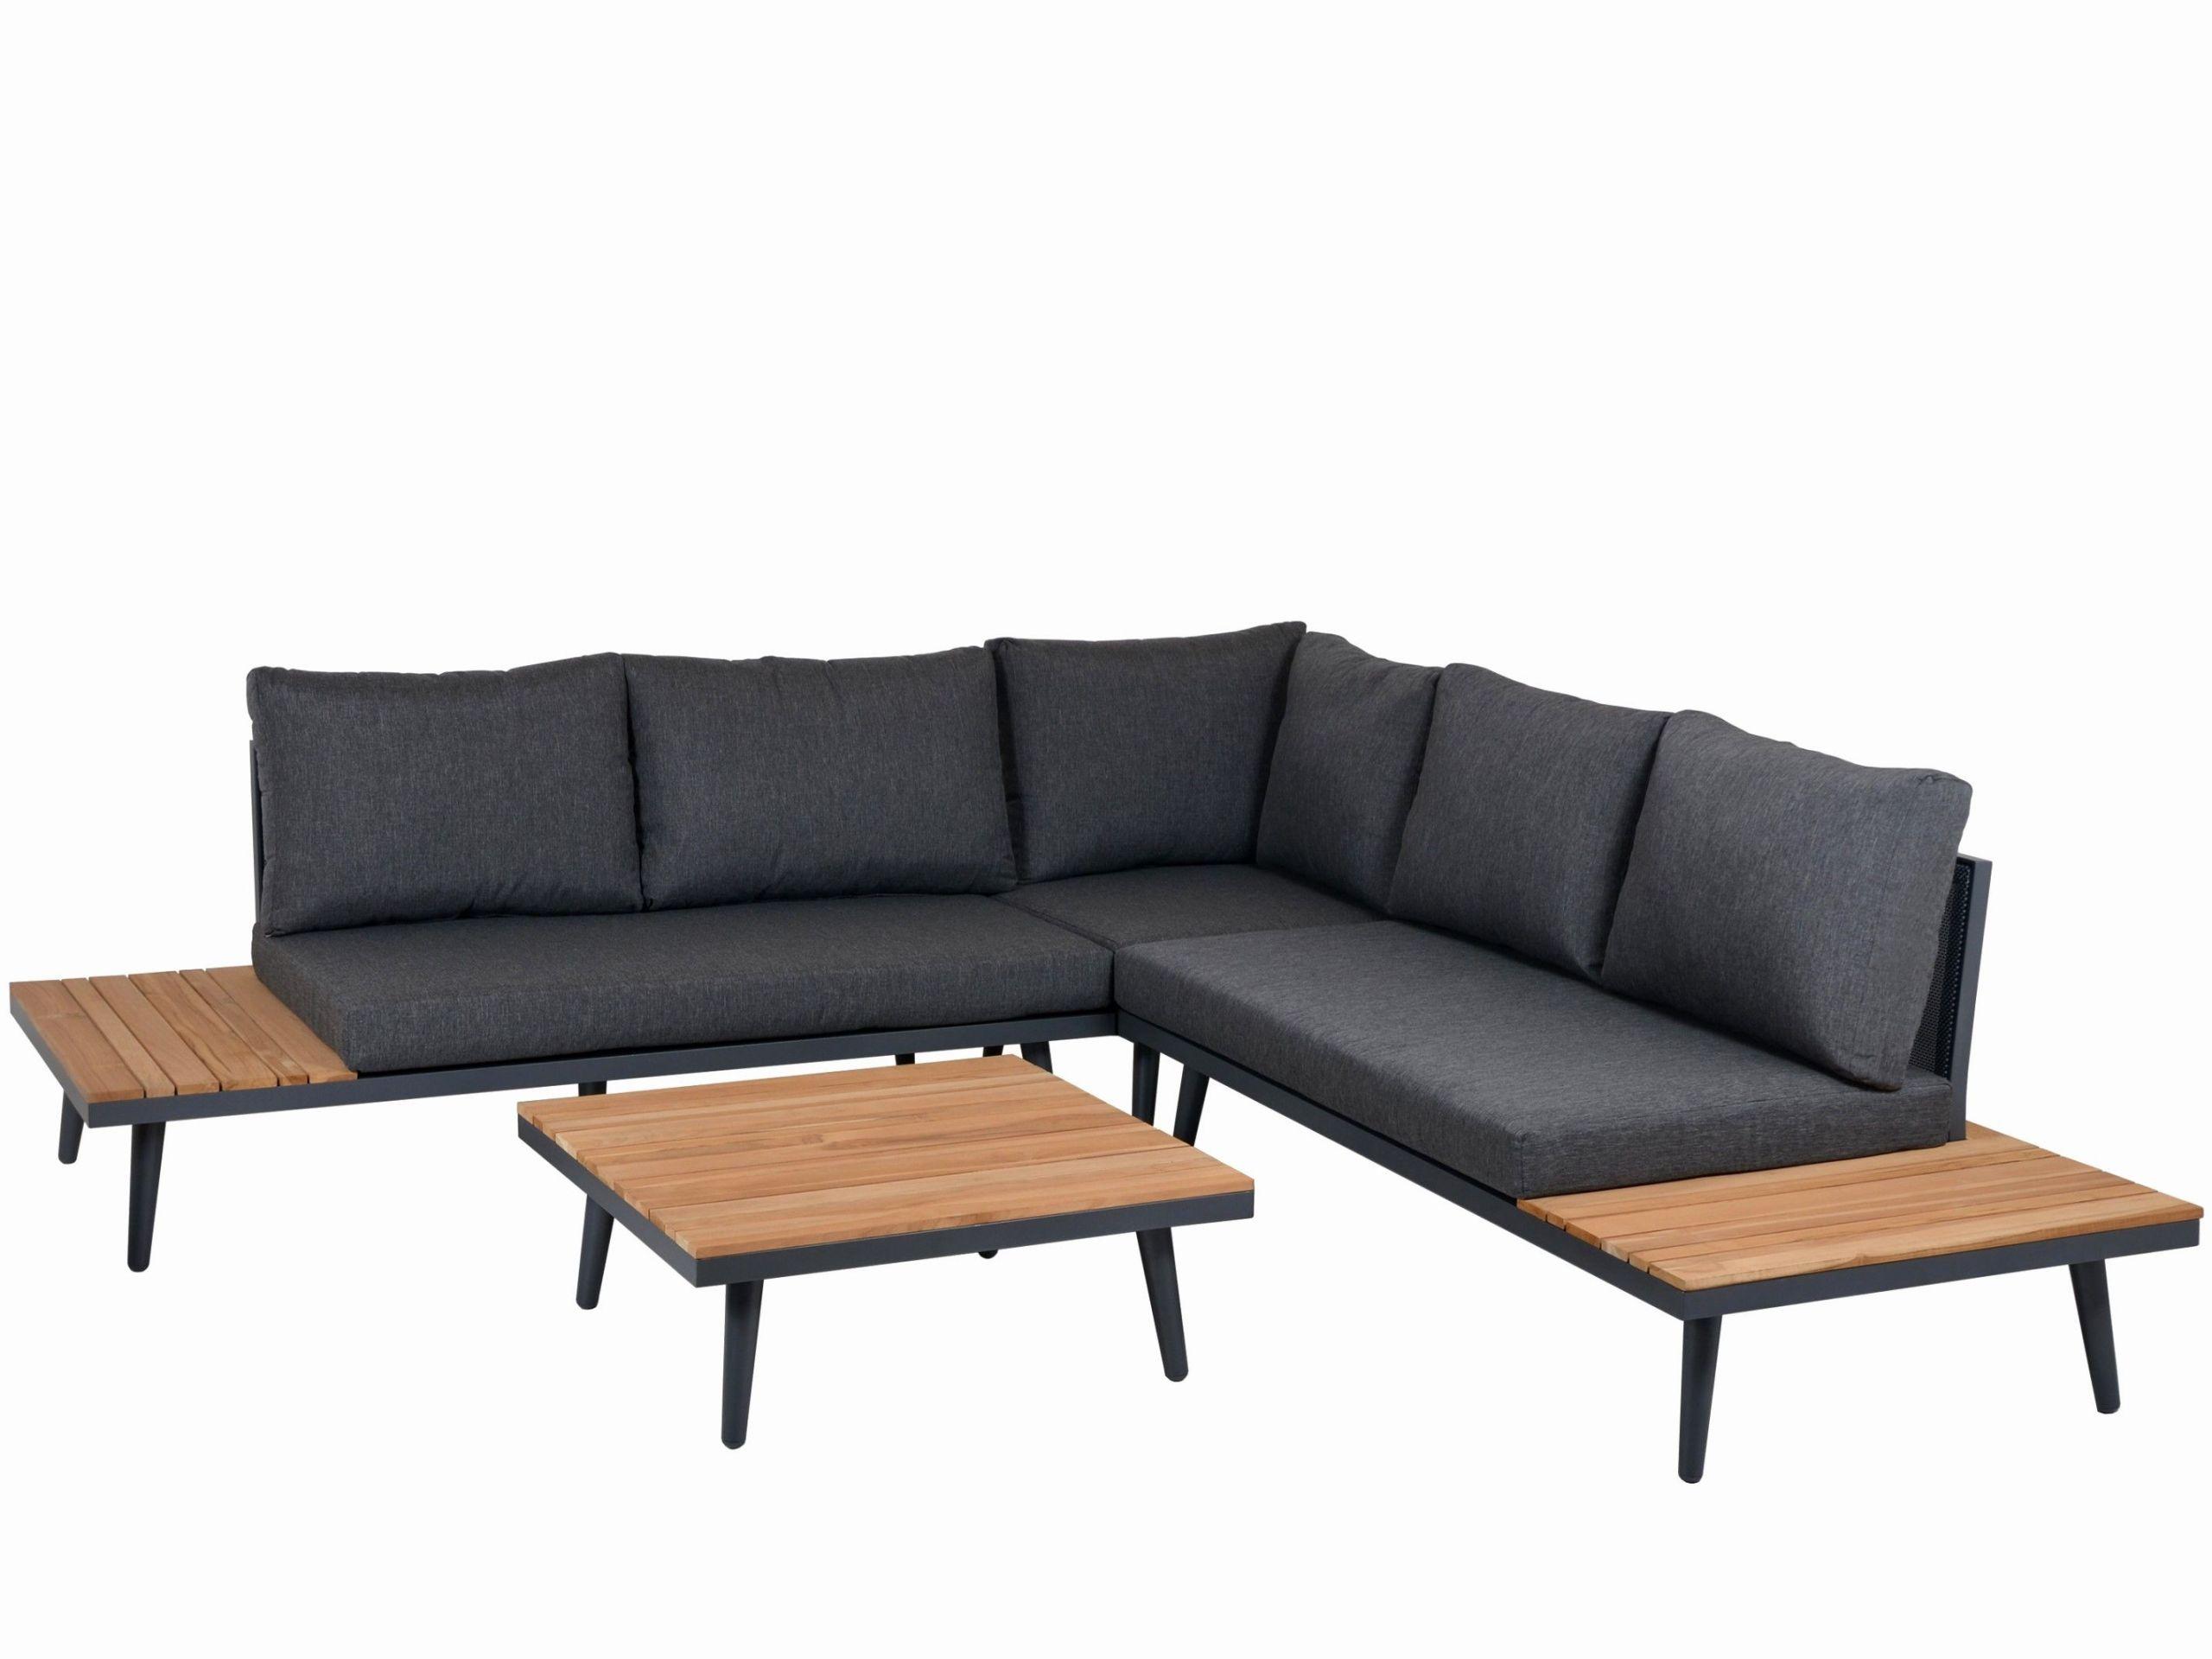 balkon tisch stuehle esstisch schwarz holz komfort esstisch mit bank neu bank balkon 0d genial